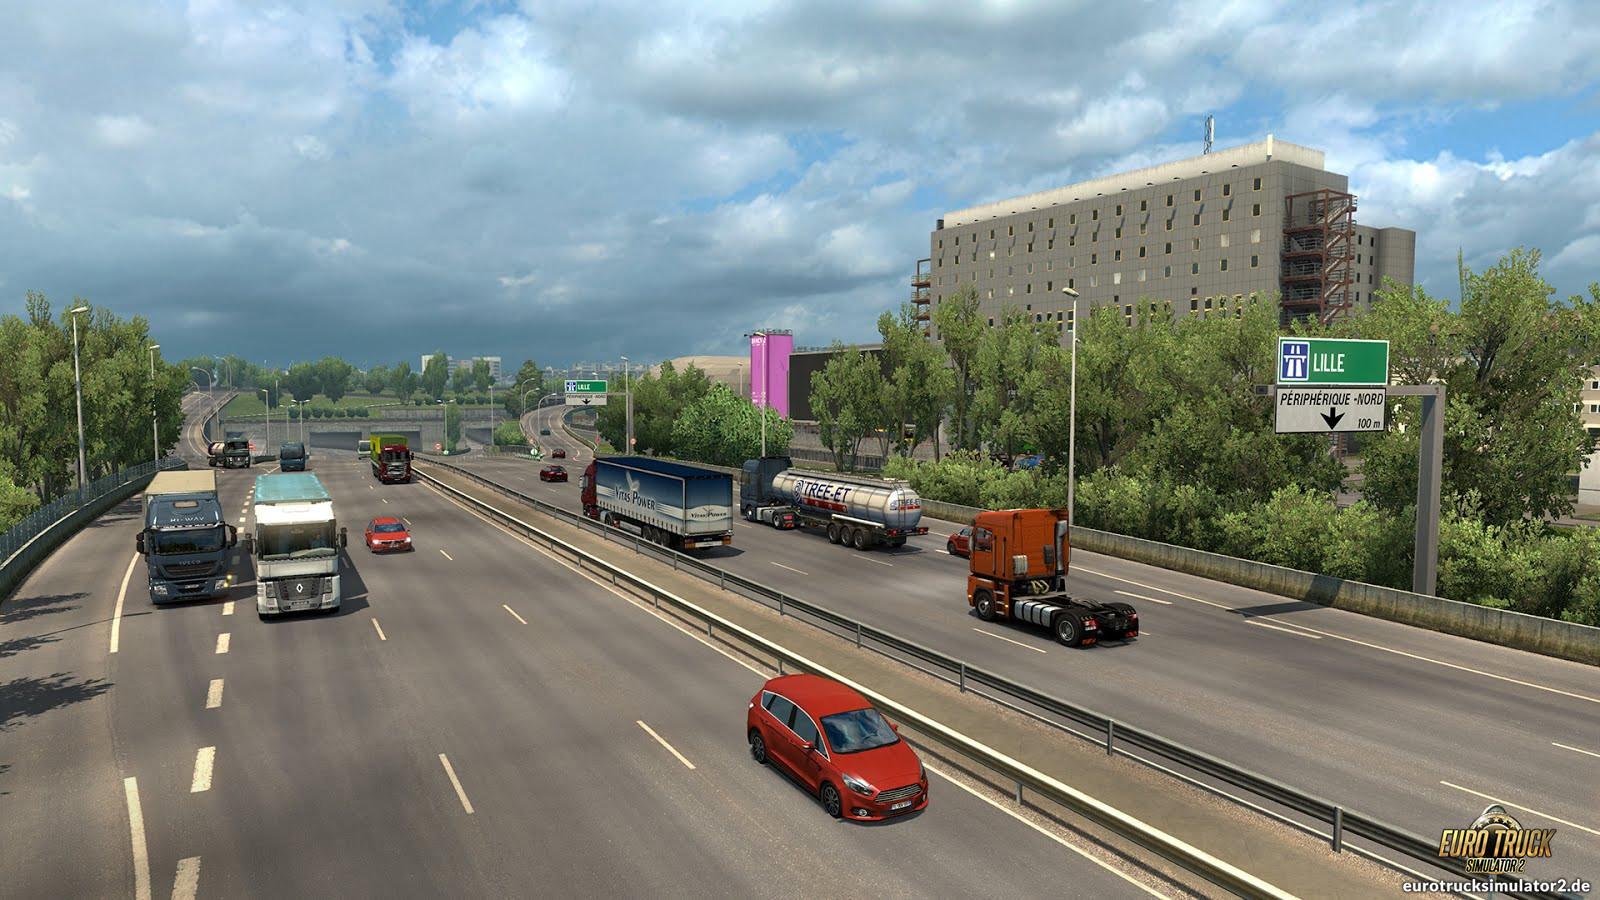 Paris, Piraten, Poznań und mehr – Euro Truck Simulator 2